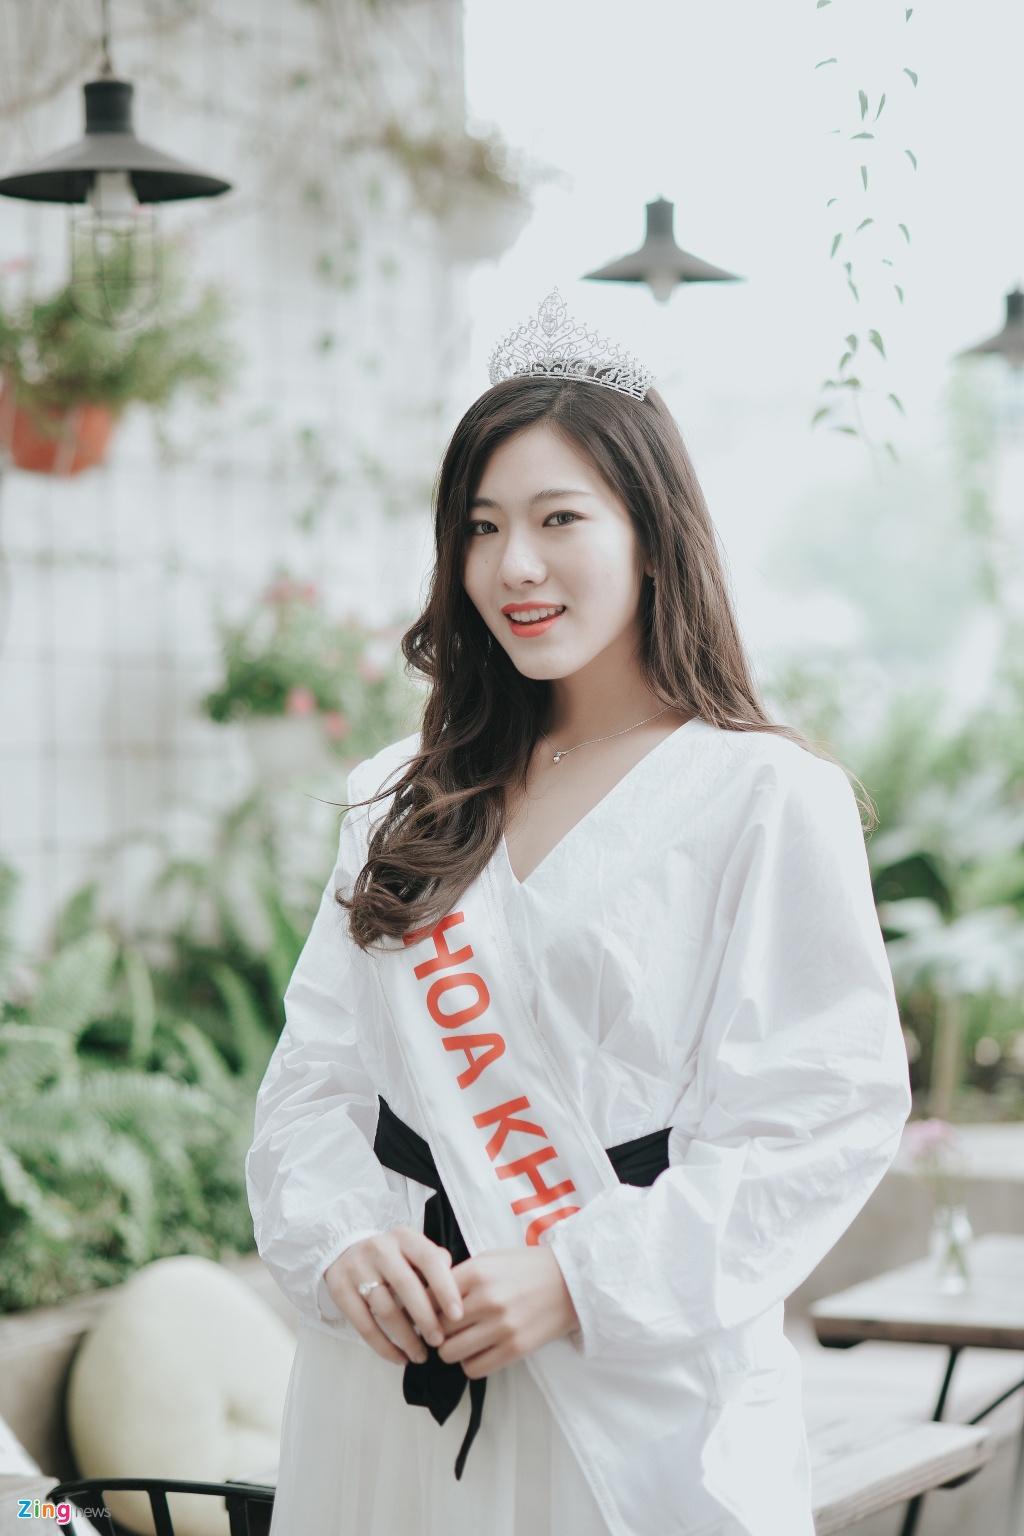 Hoa khoi Bao chi cao 1,75 m: 'Minh tung tap ta cho nguoi thap di' hinh anh 3